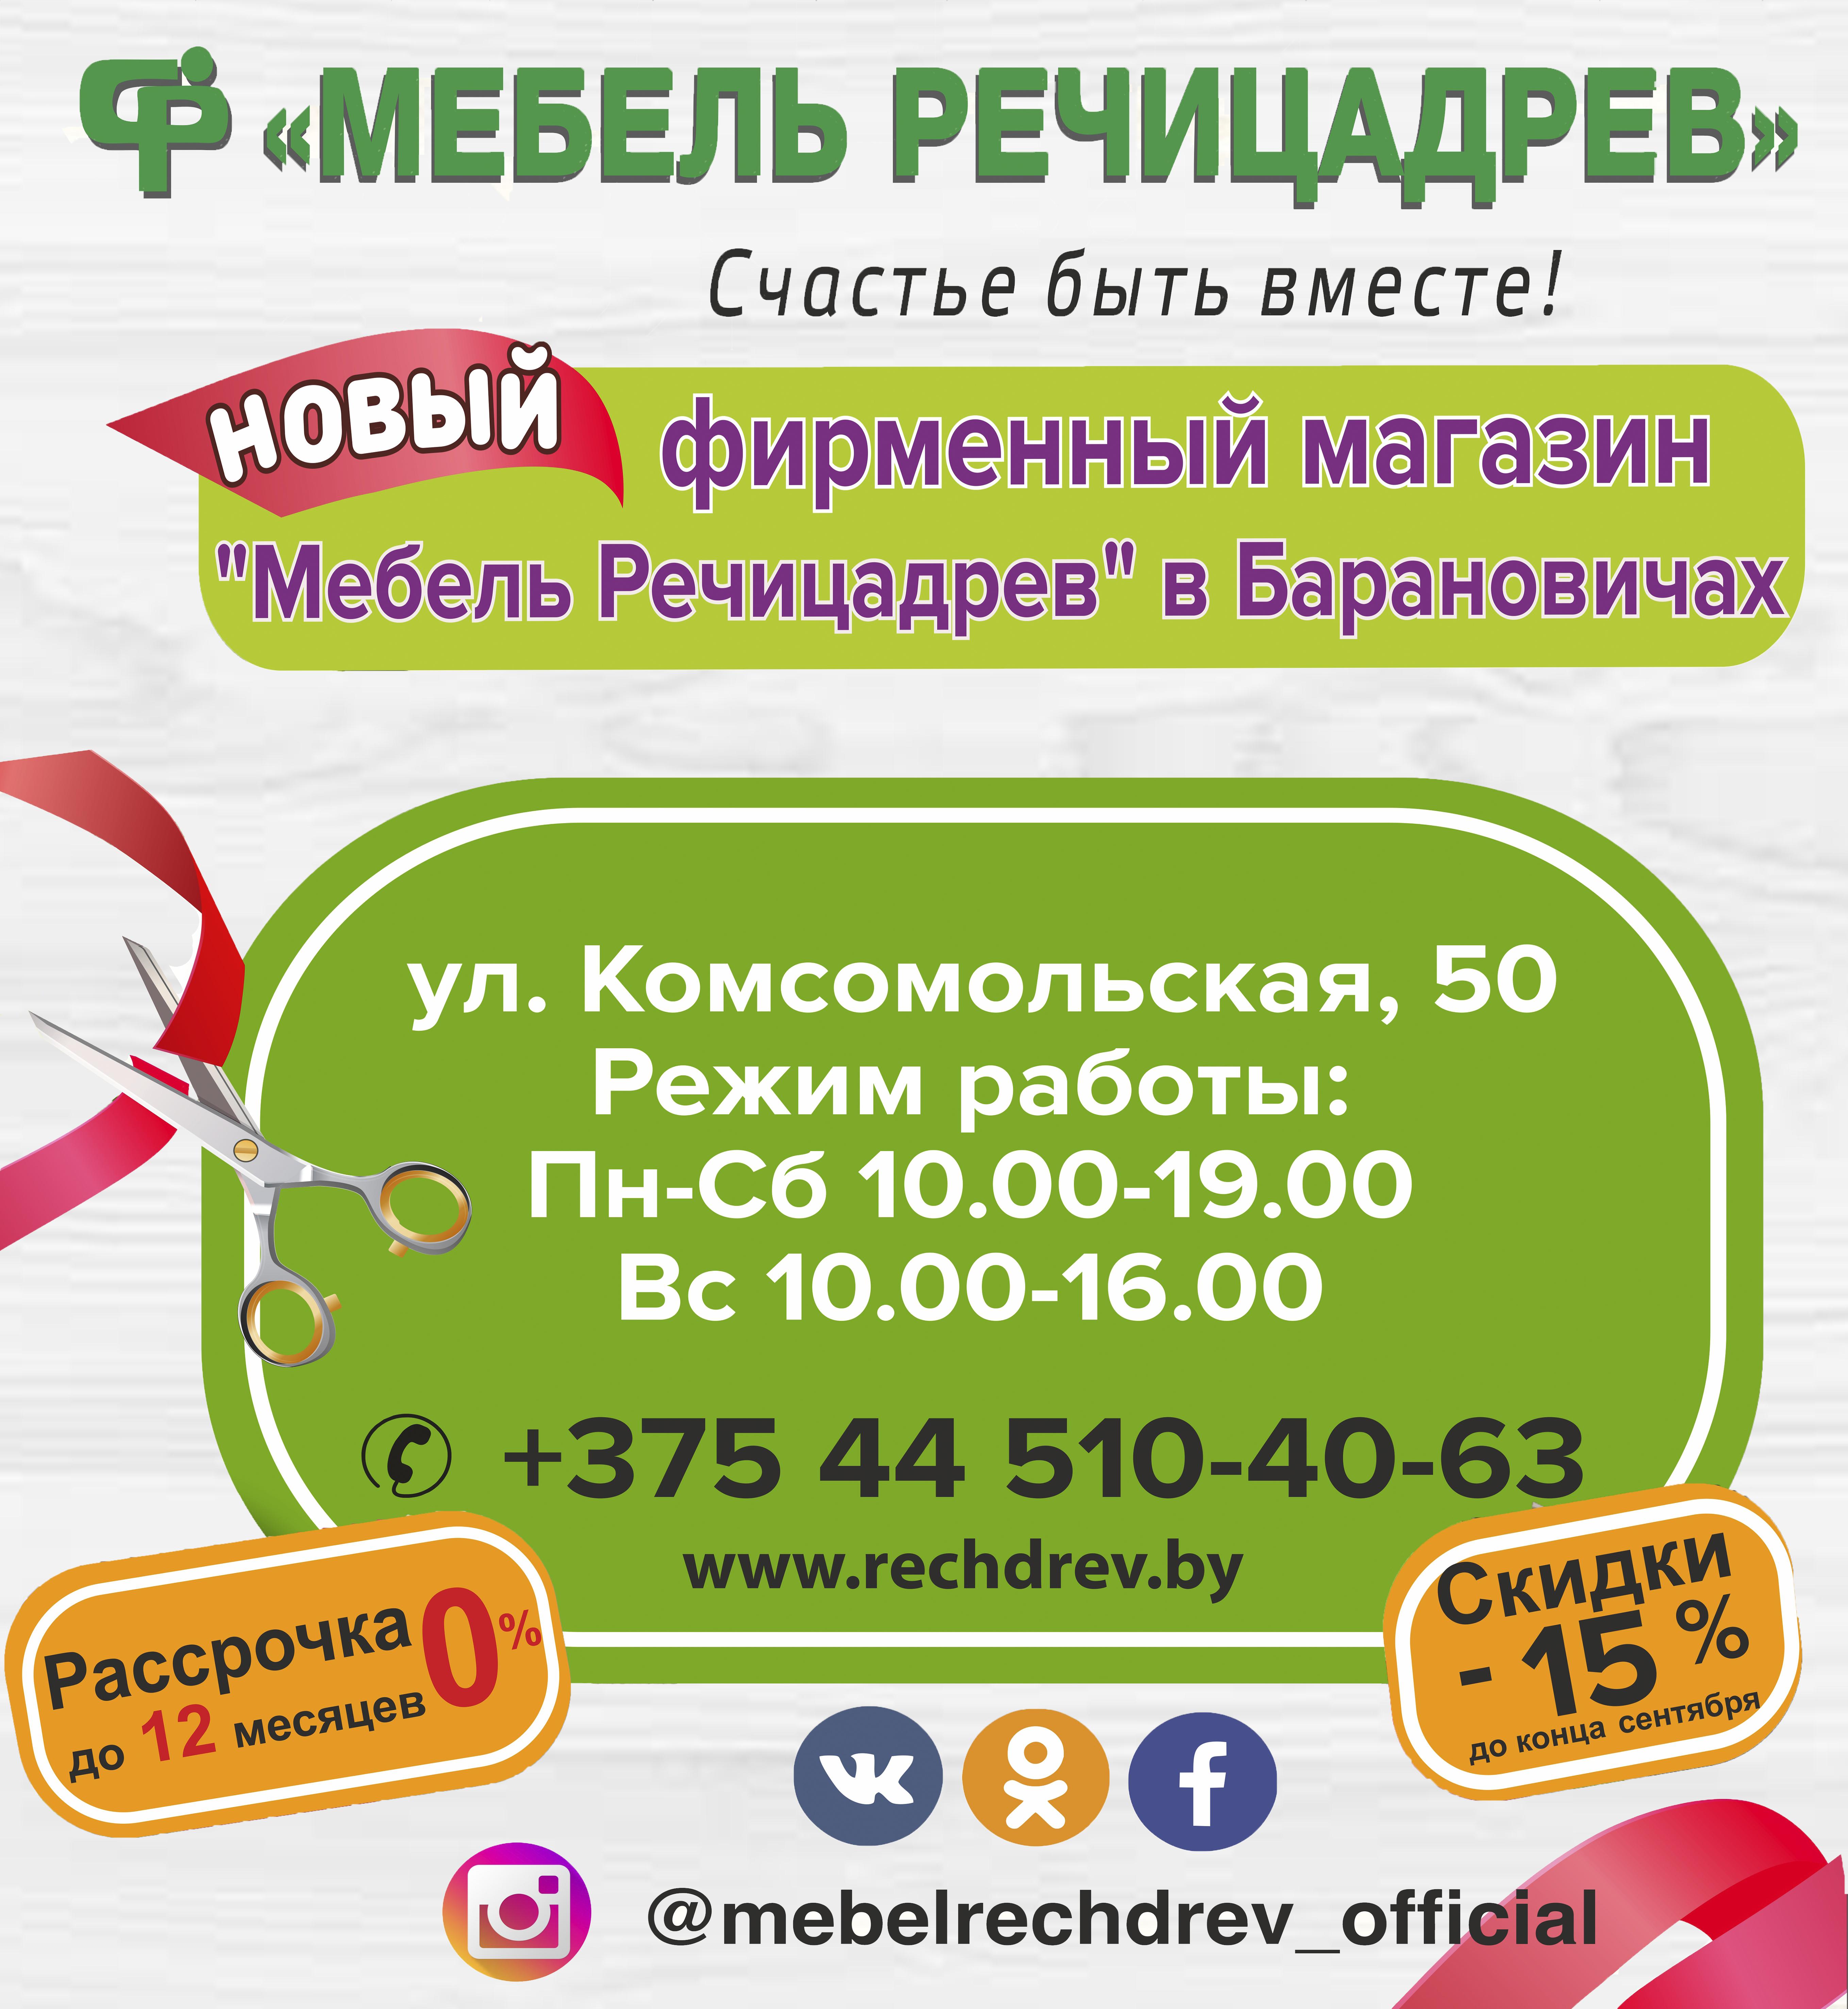 Скидки 15% в честь открытия фирменного магазина «Мебель Речицадрев» в Барановичах!